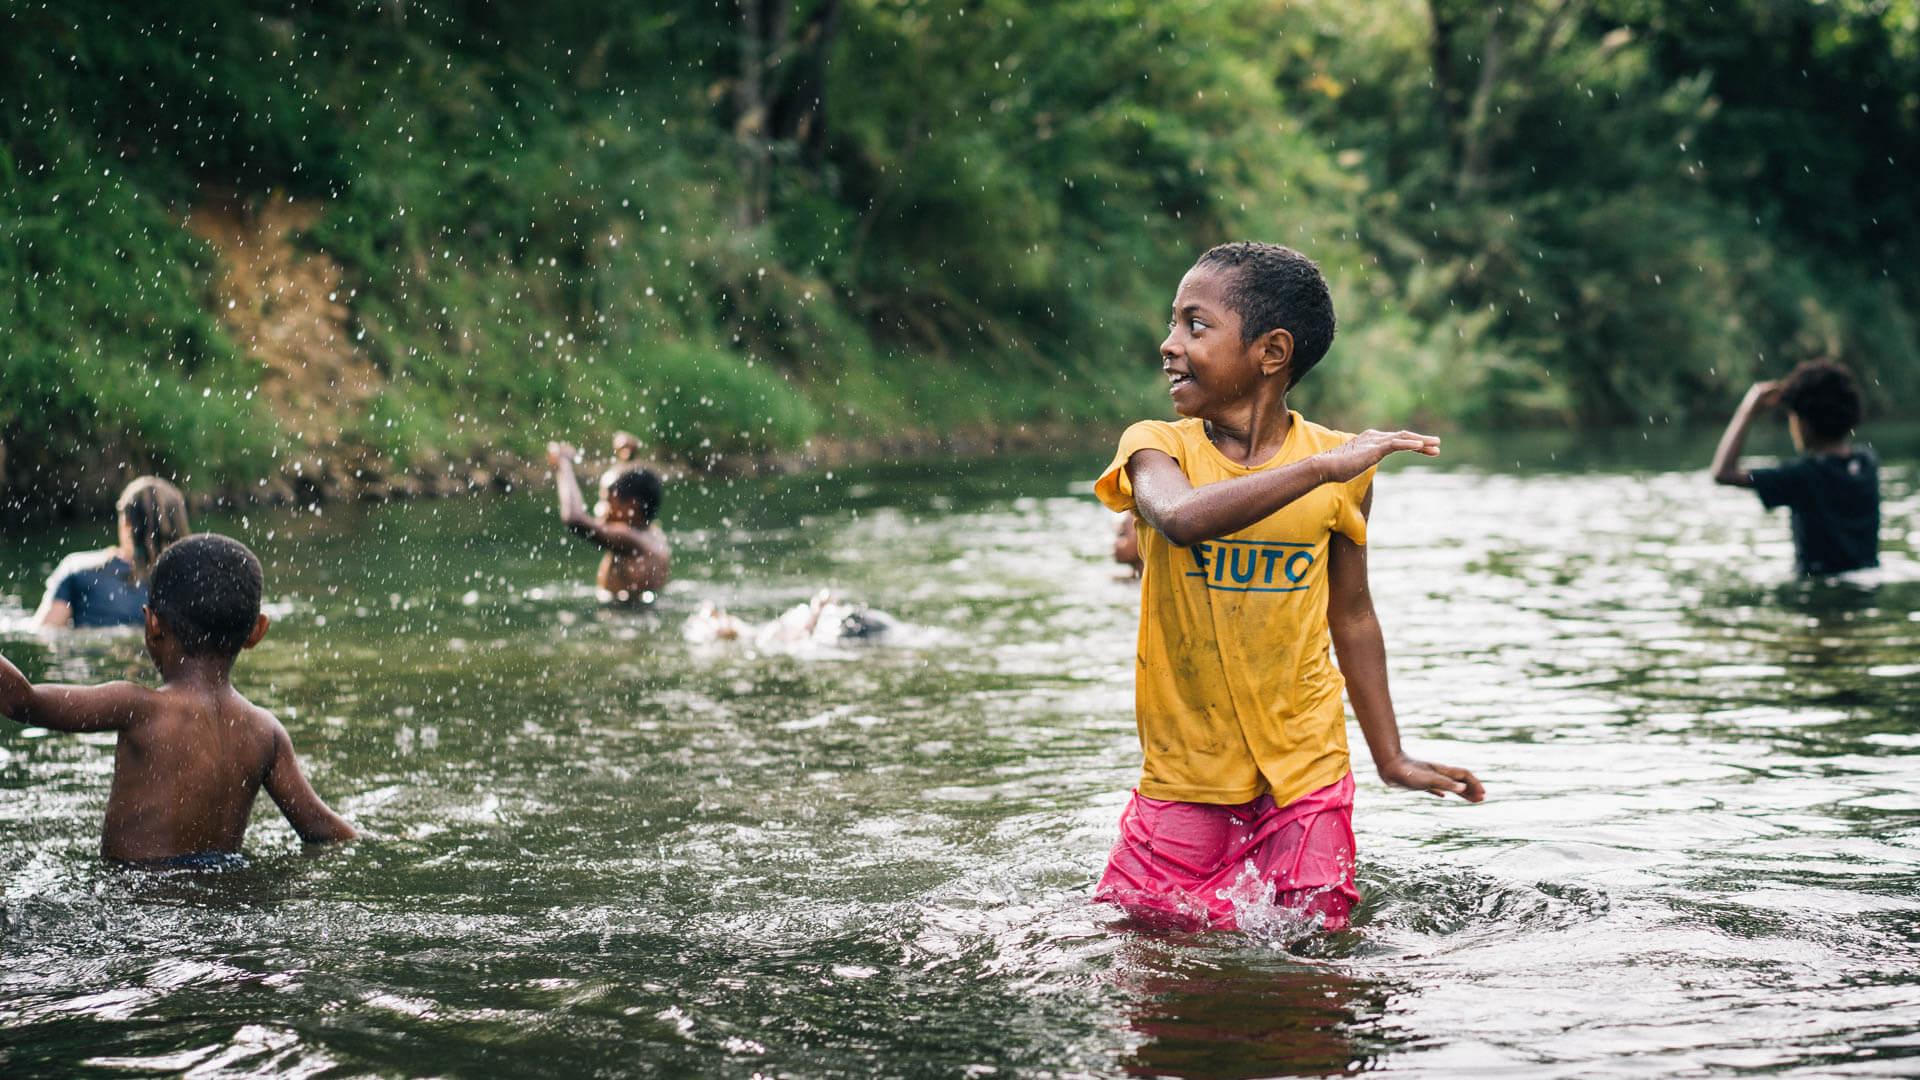 Jeux dans la rivière aux Fifji